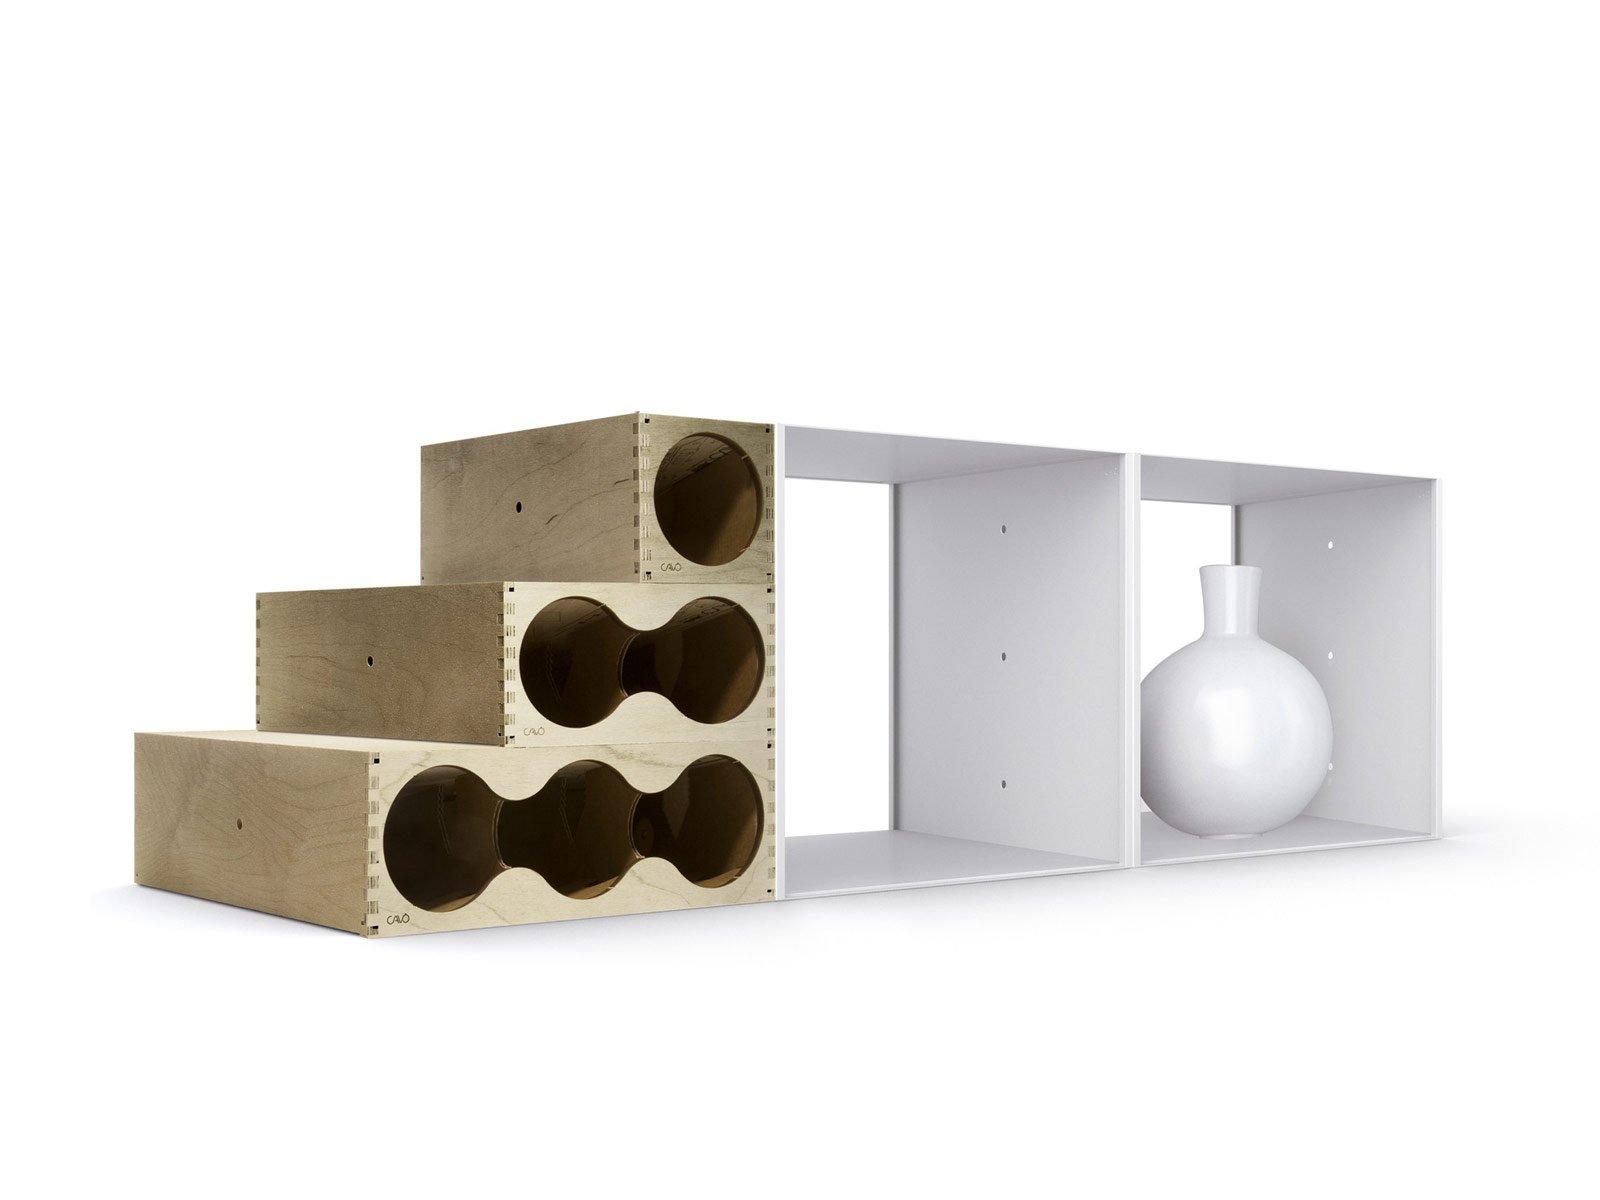 Separ legno per interno baratti september top holiday for Separe in legno per interno